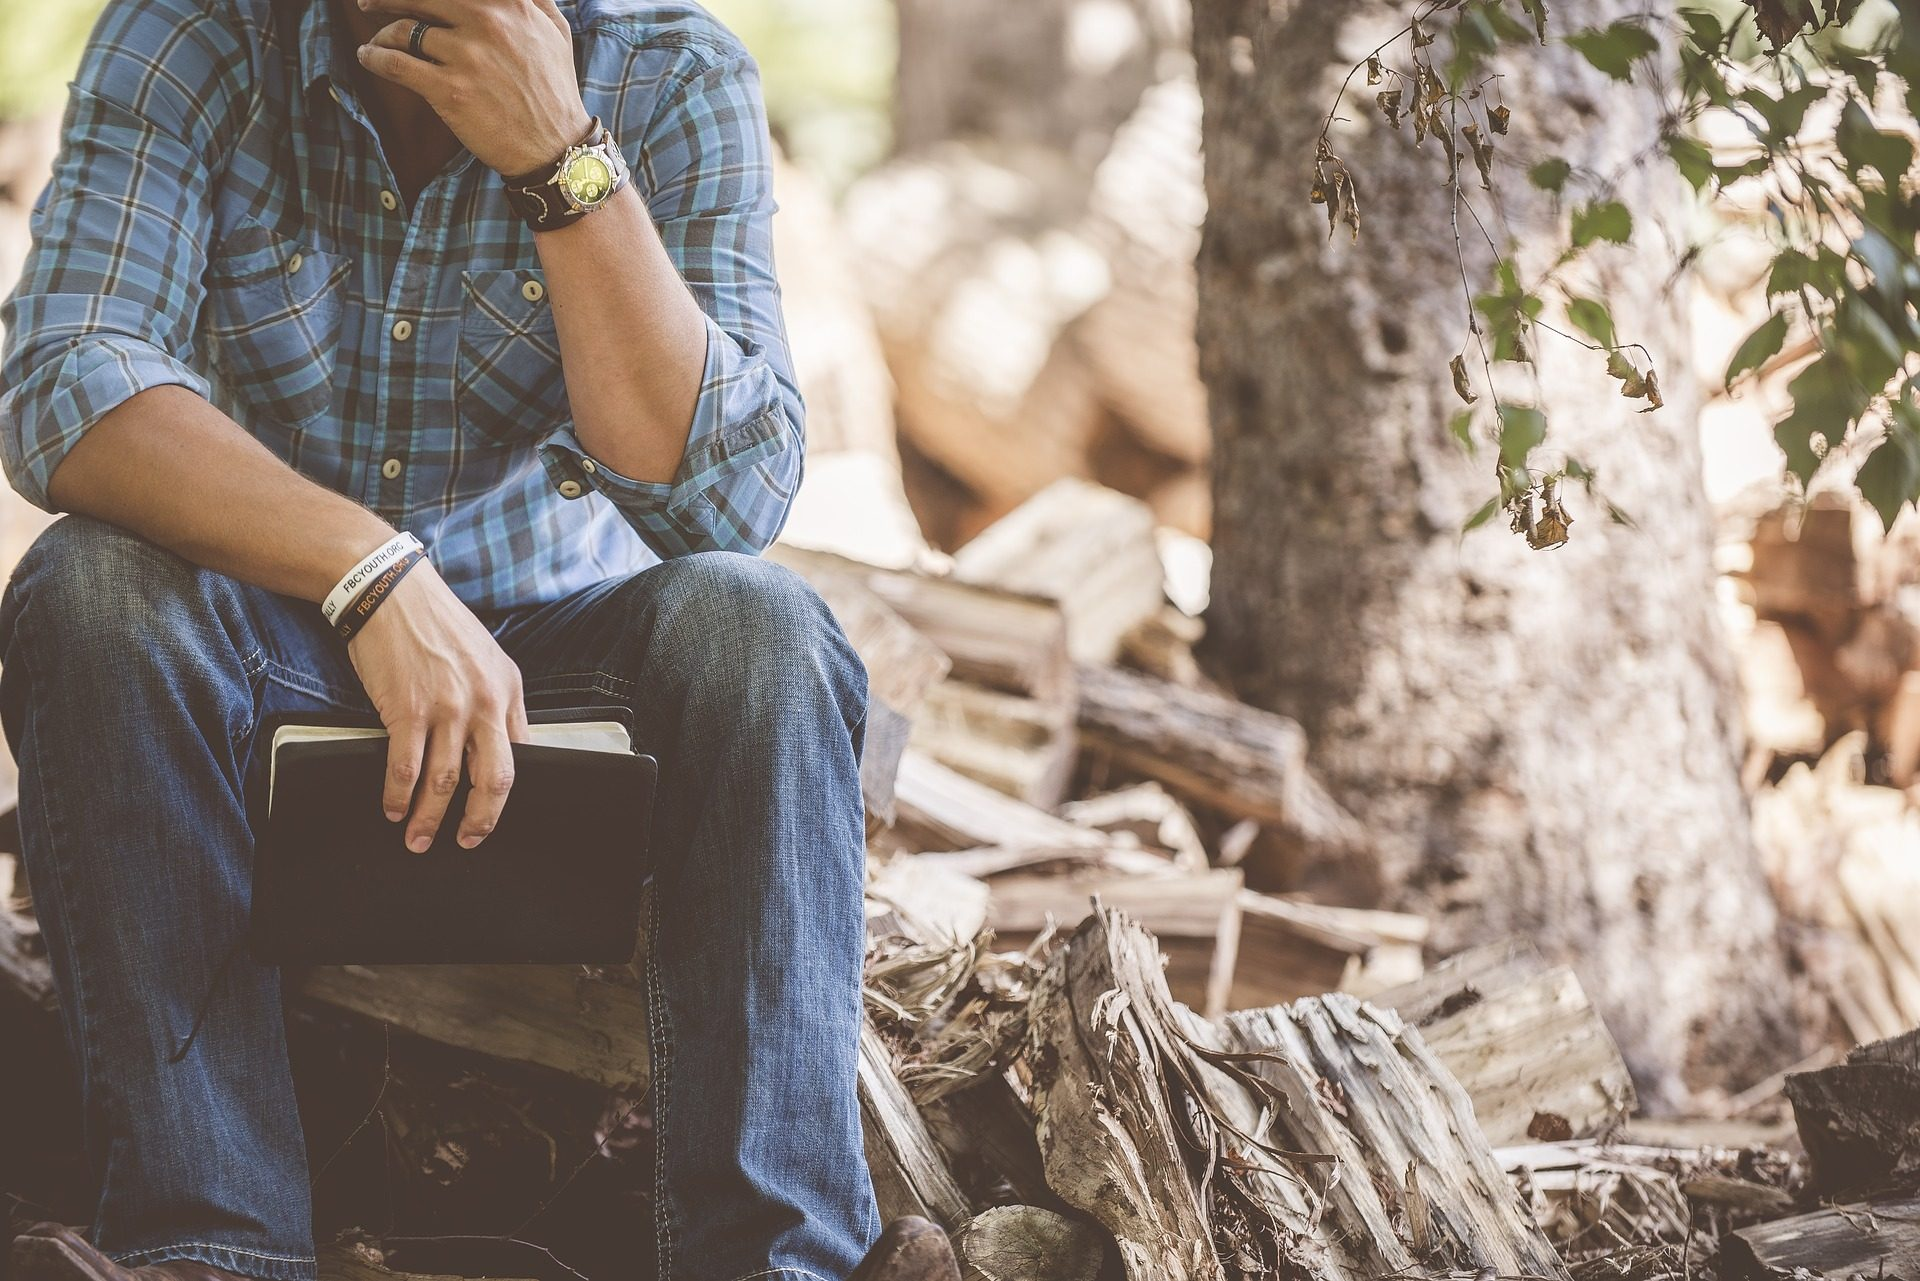 homme, Livre, lecture, assis, arbre, troncs, bois, Lena - Fonds d'écran HD - Professor-falken.com